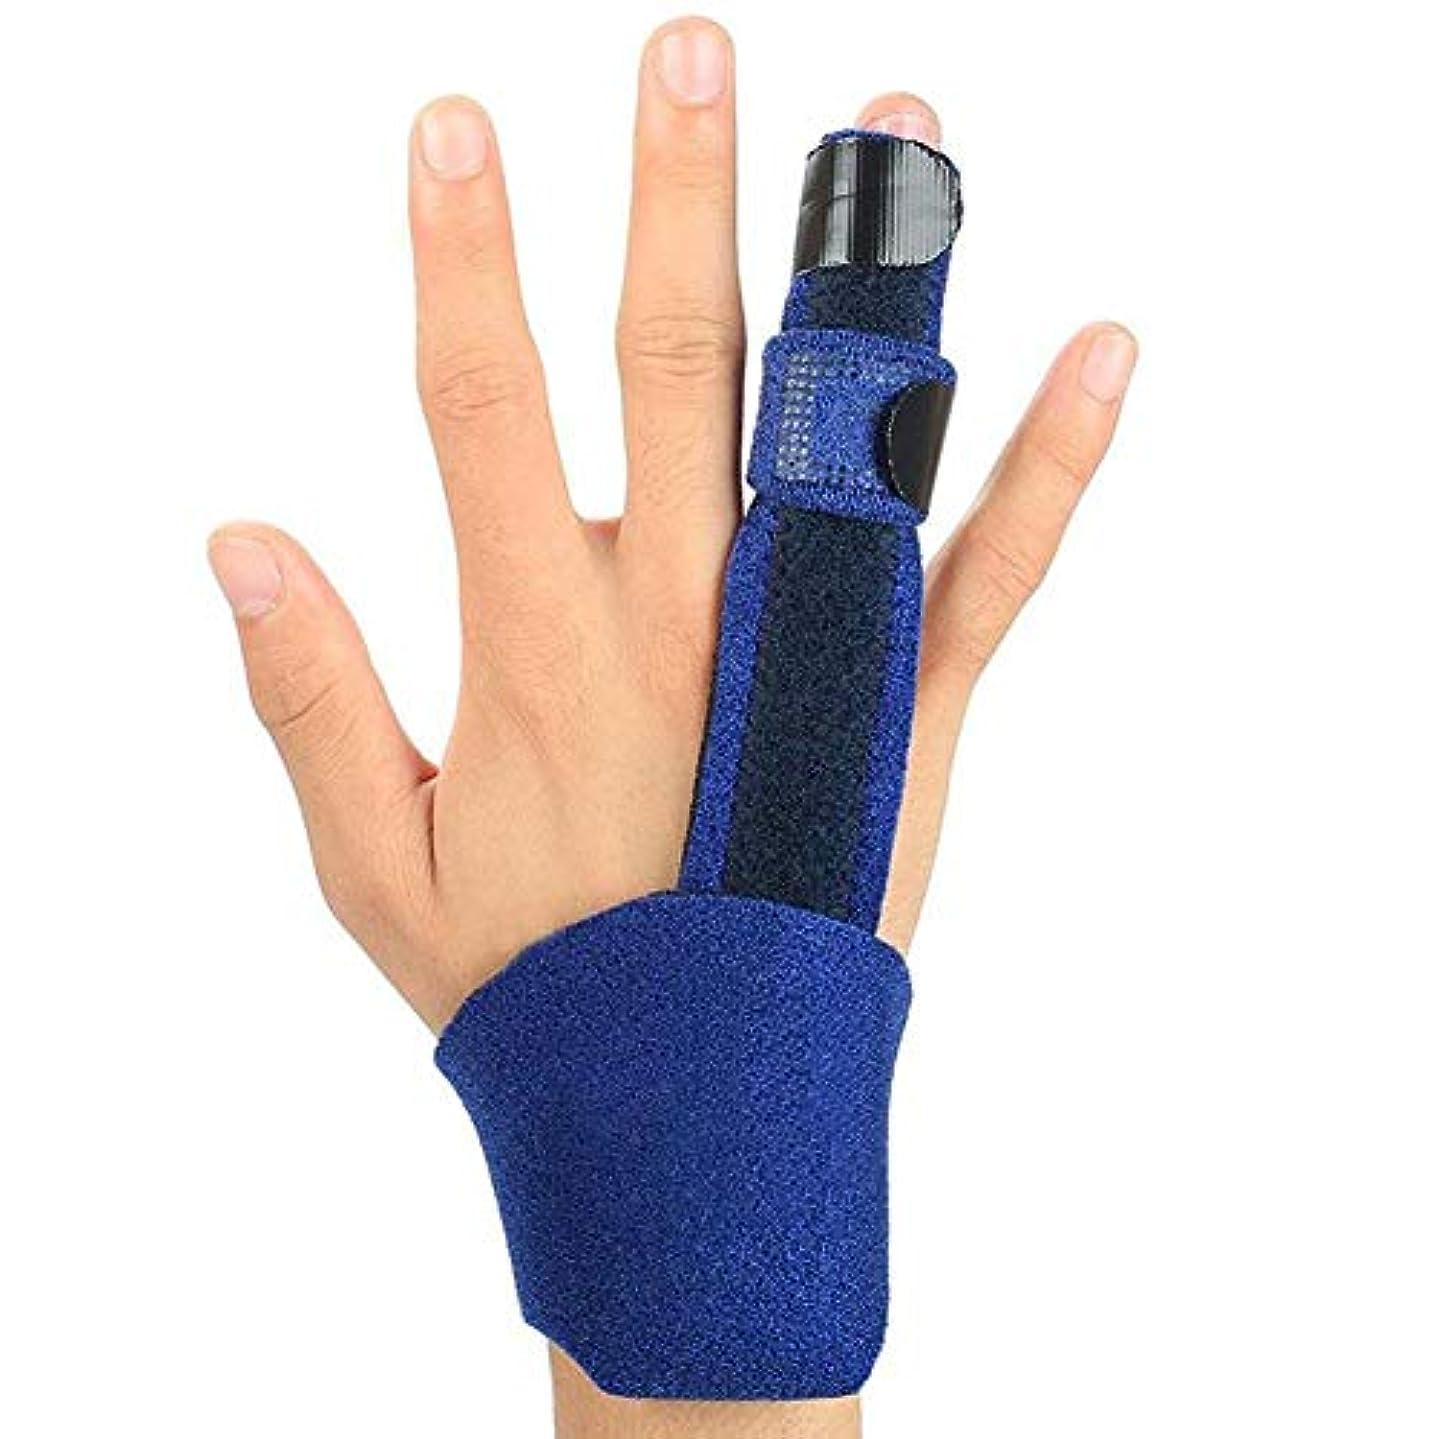 サスペンドモジュール禁じるトリガー指スプリント、内蔵のアルミニウムを備えた調節可能な固定ベルト、腱炎、骨折または骨折した指の痛みを軽減します。